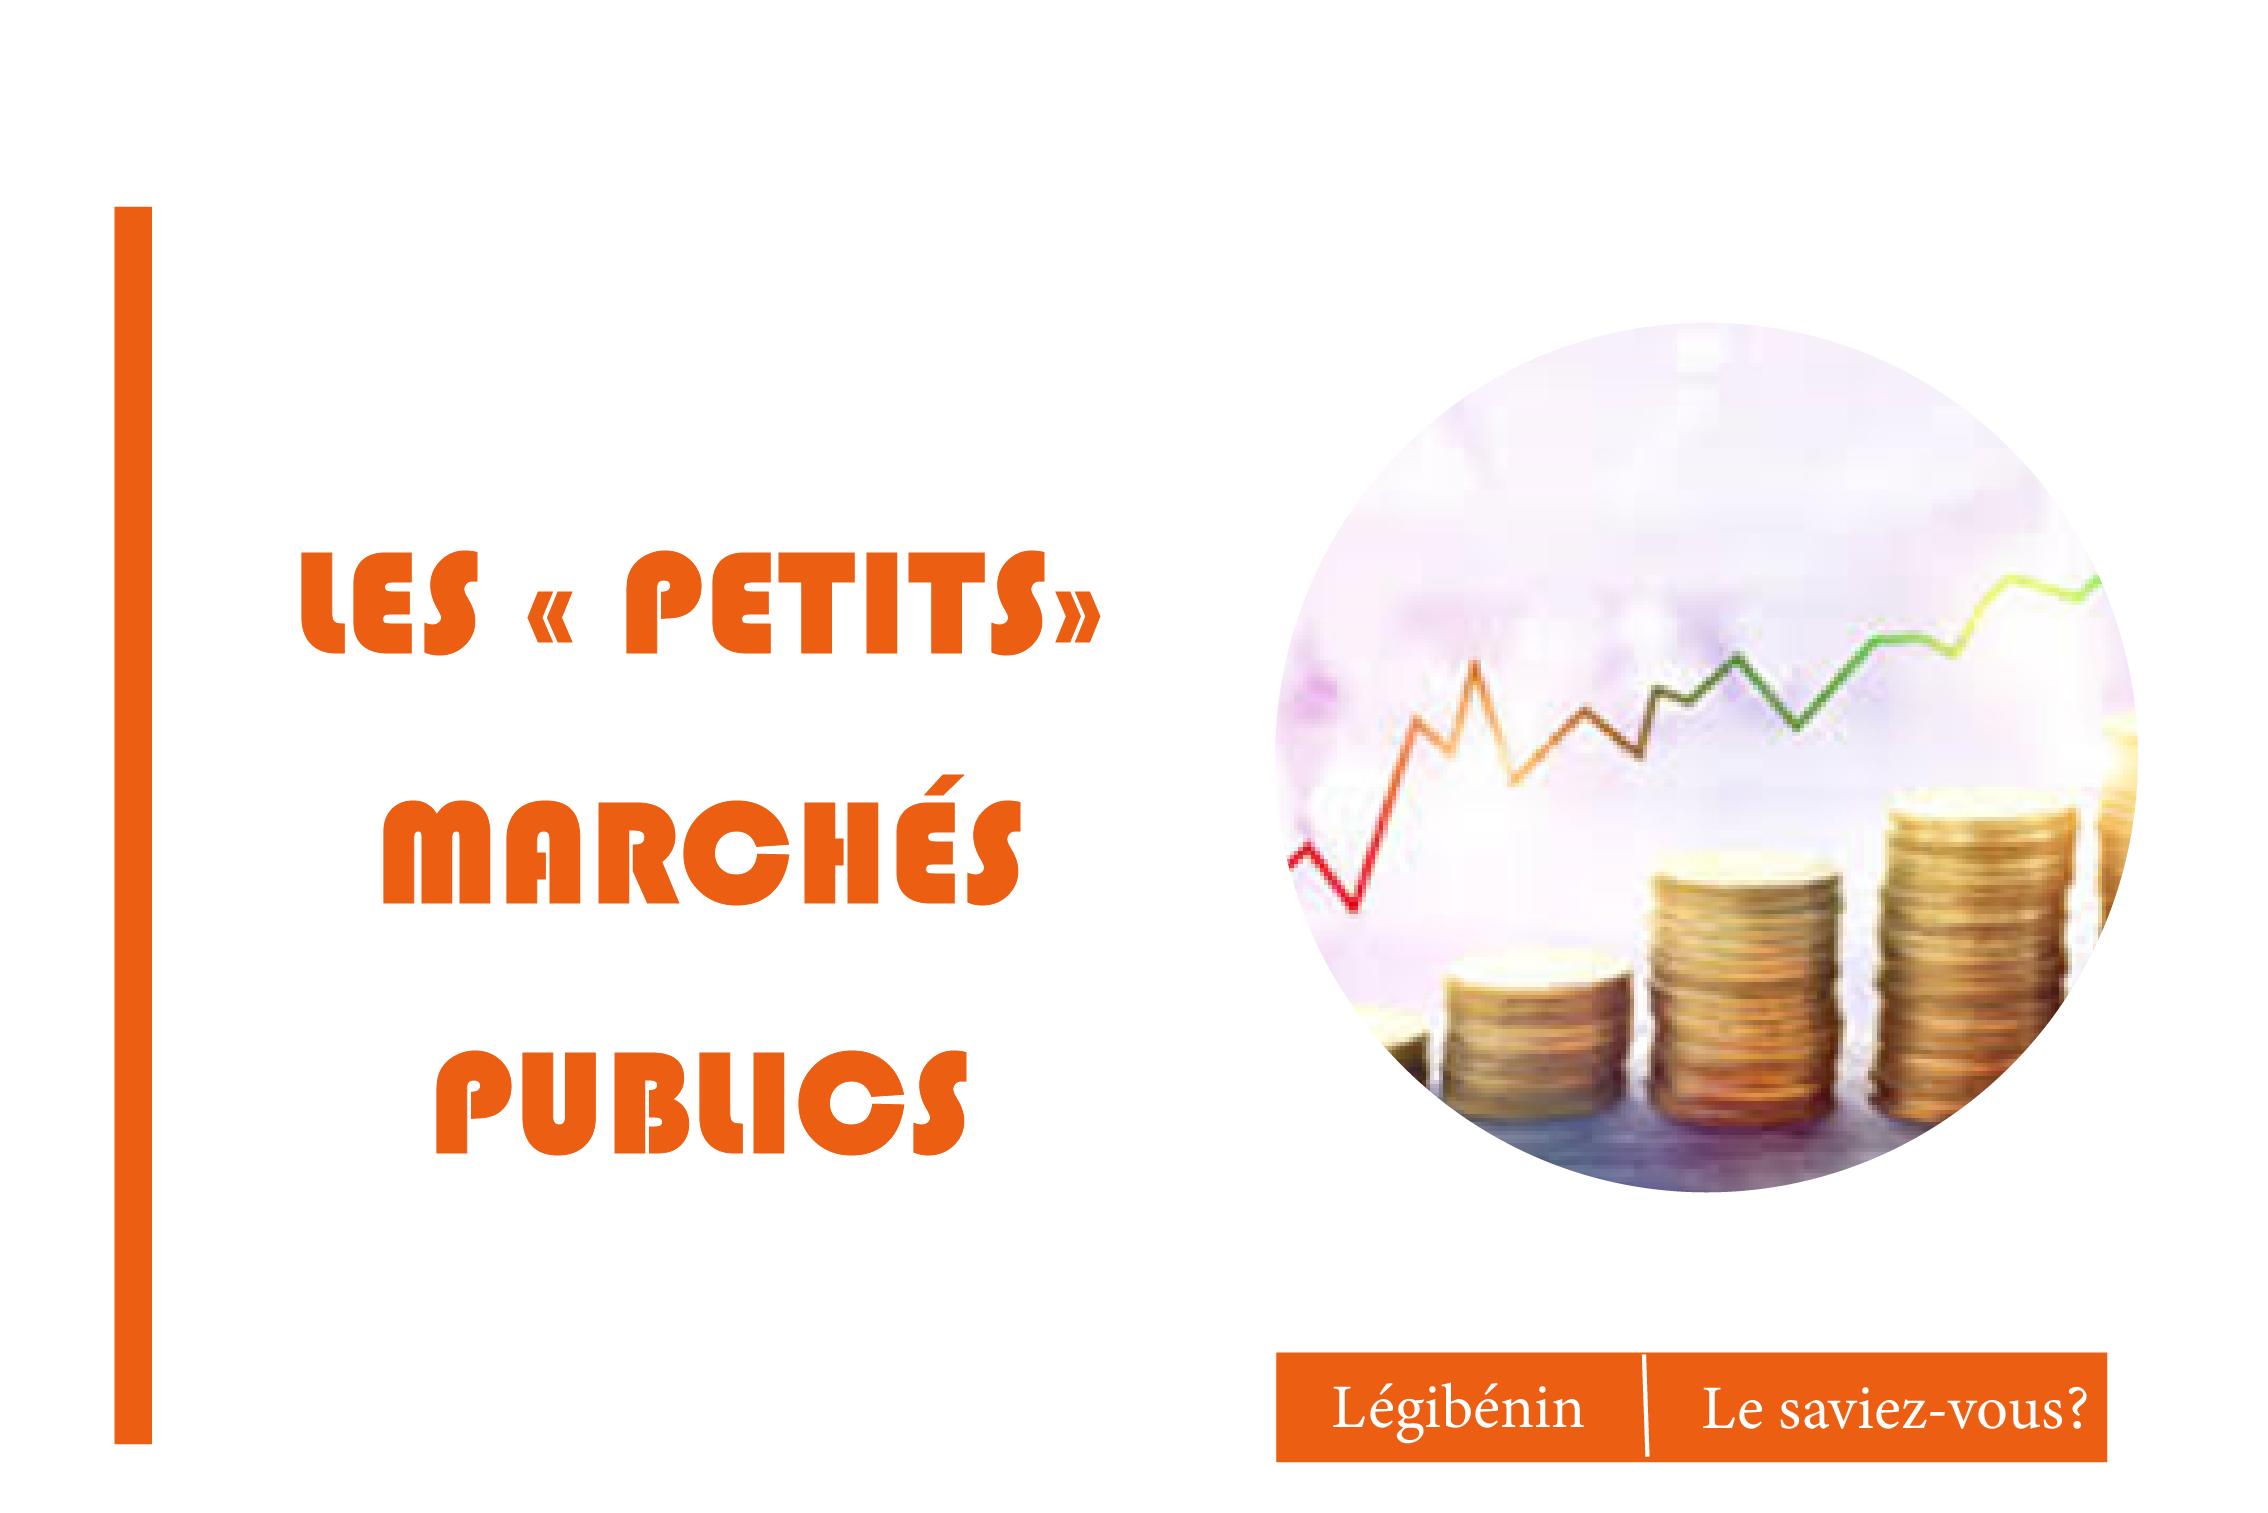 Petits marchés publics